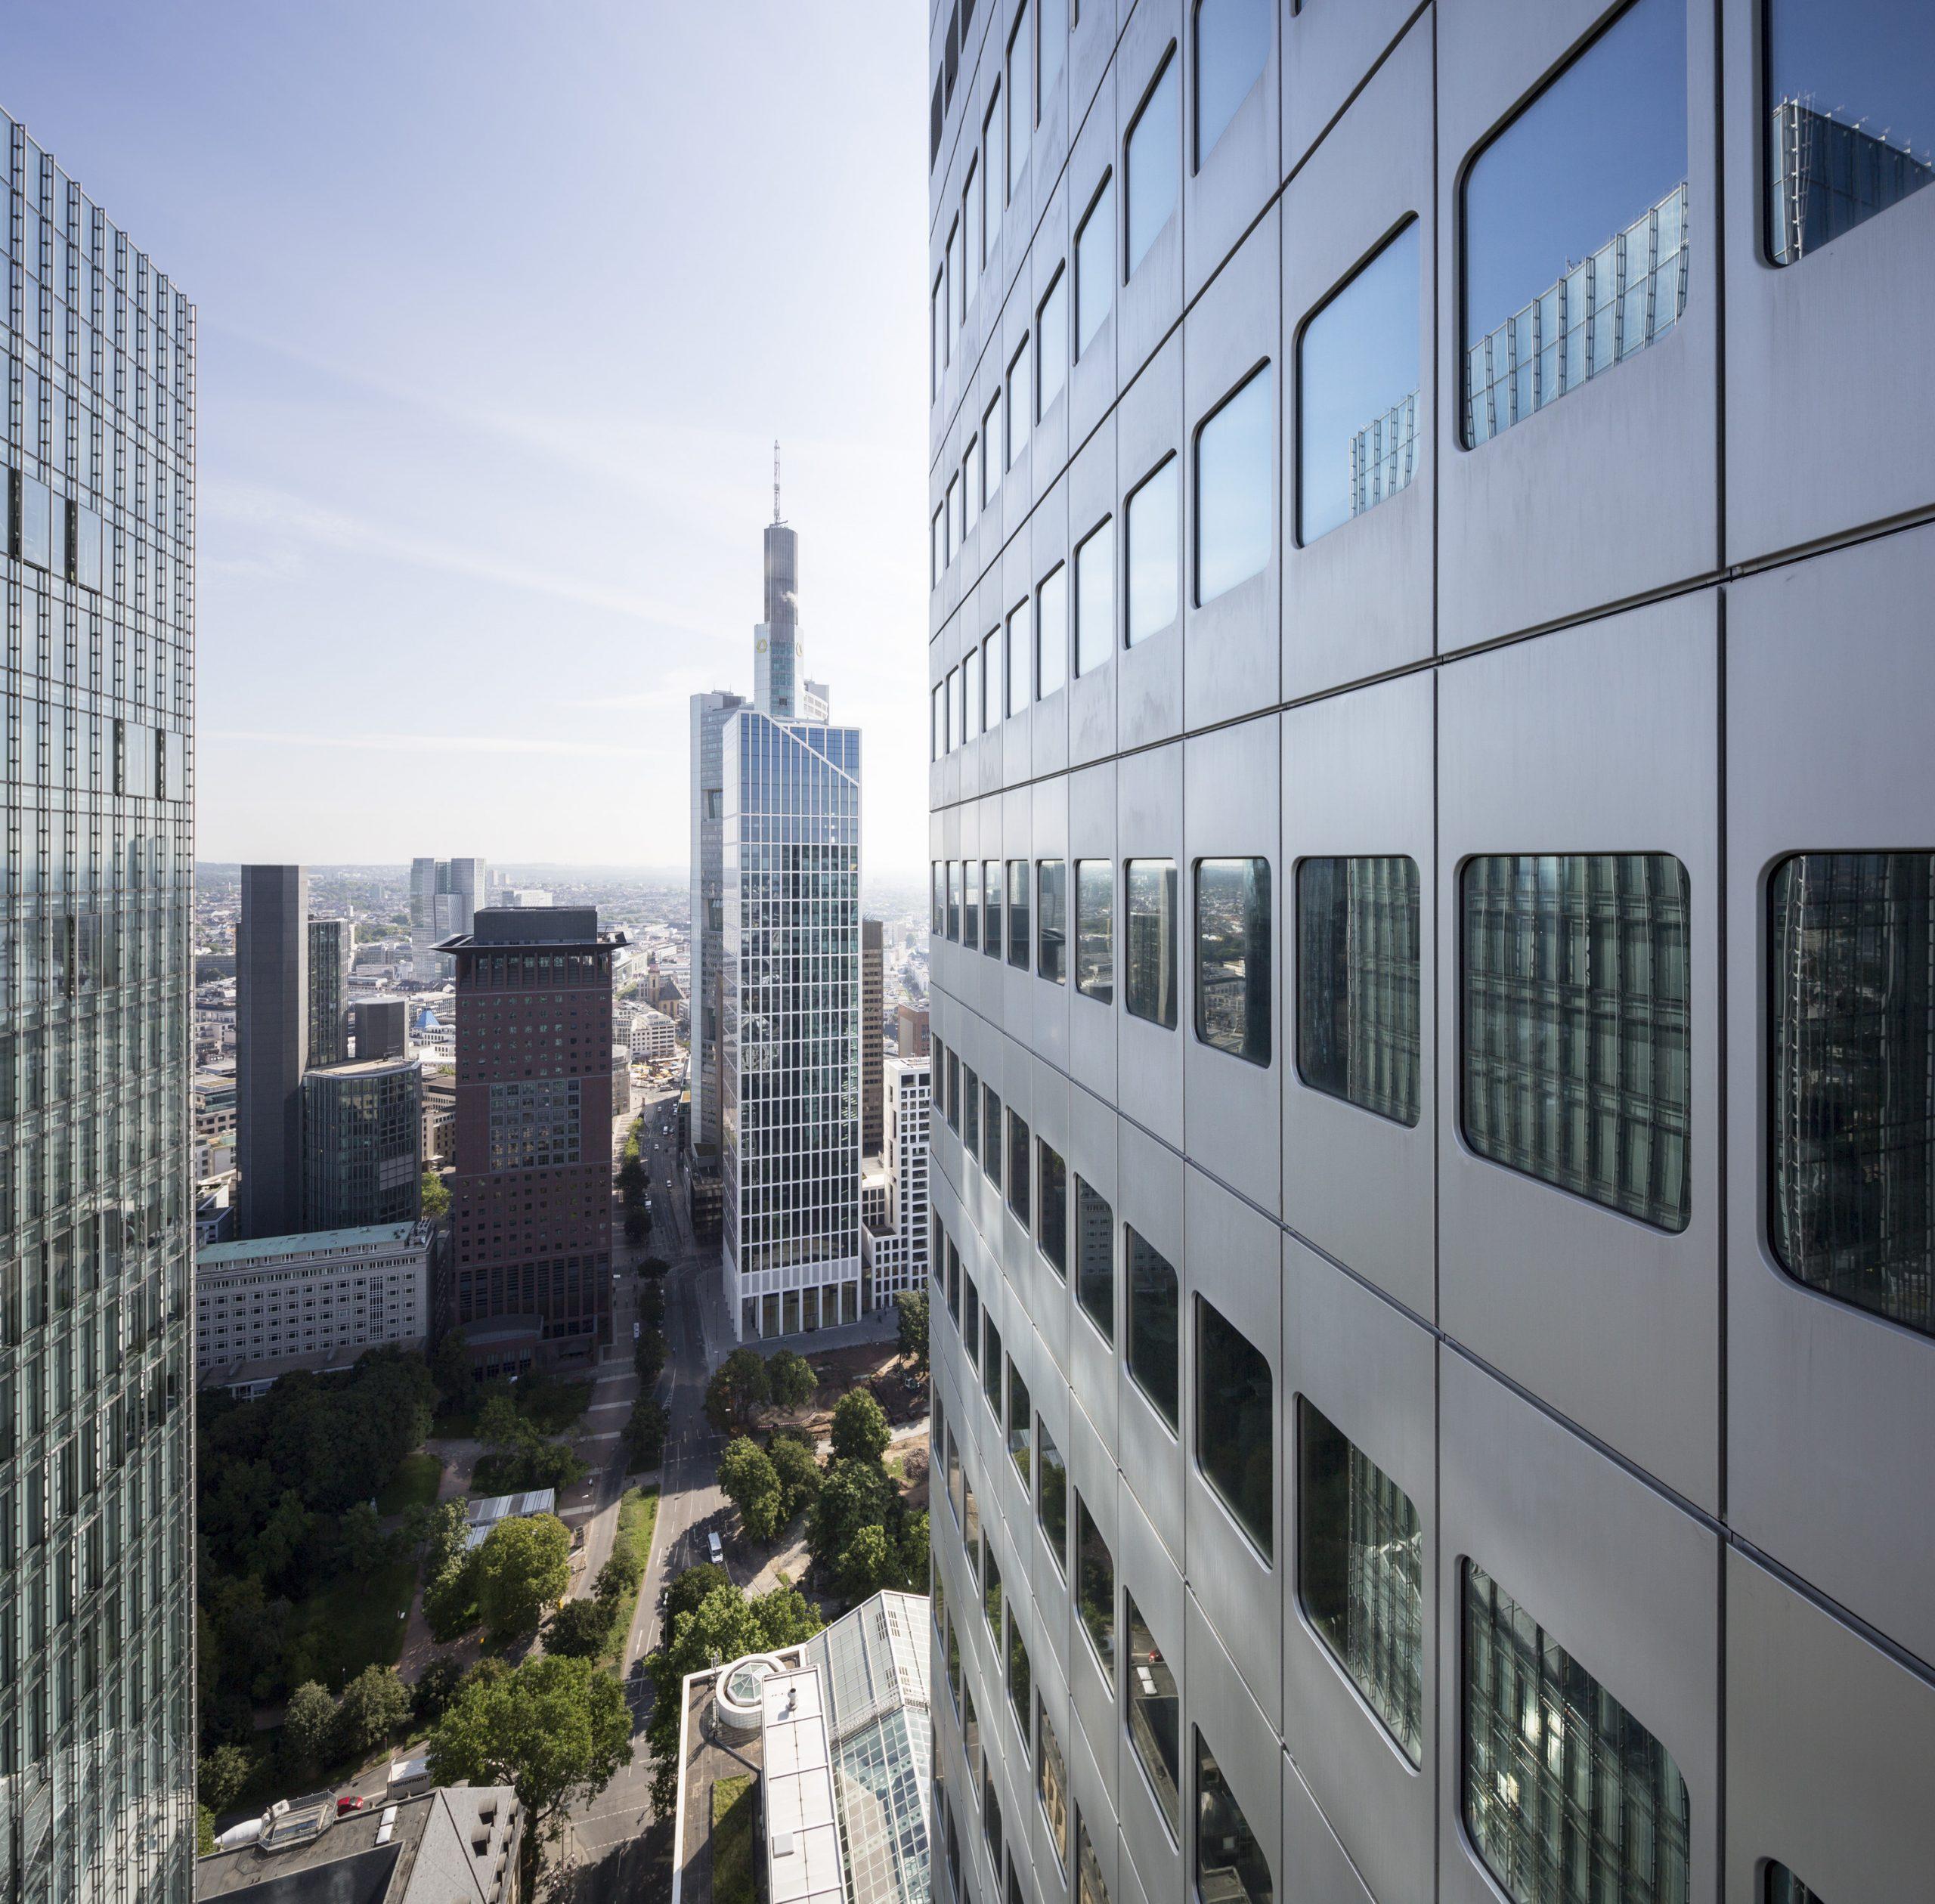 Luftaufnahme durch die Hochhäuser Frankfurts, mit Blick auf den Japan und den Commerzbank Tower